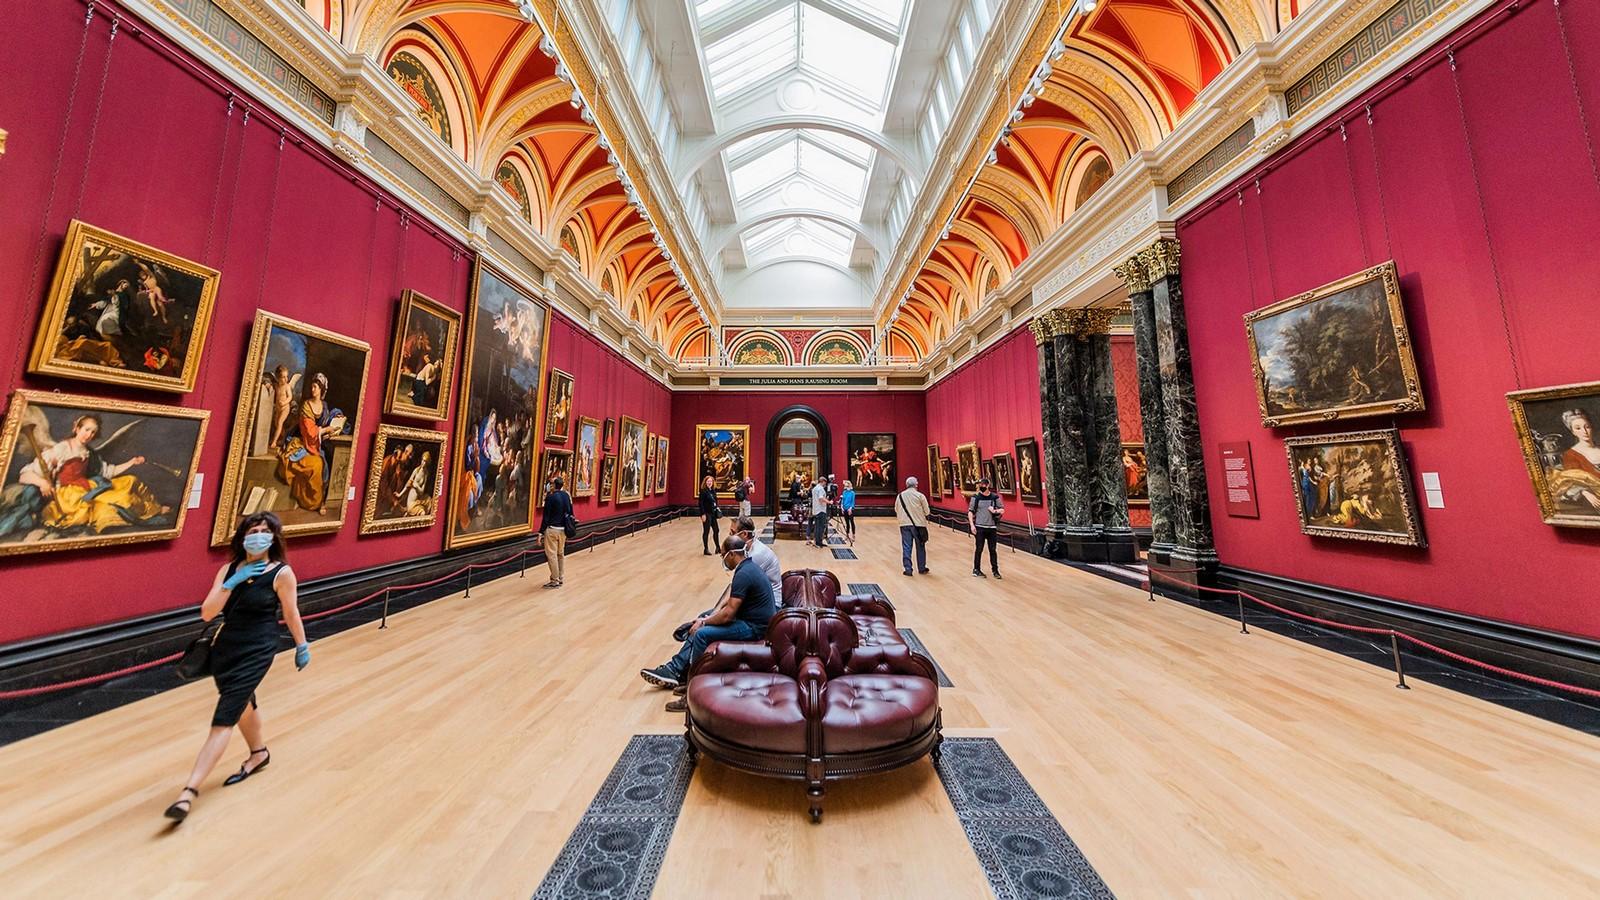 20 Best Art Galleries in London - Sheet2